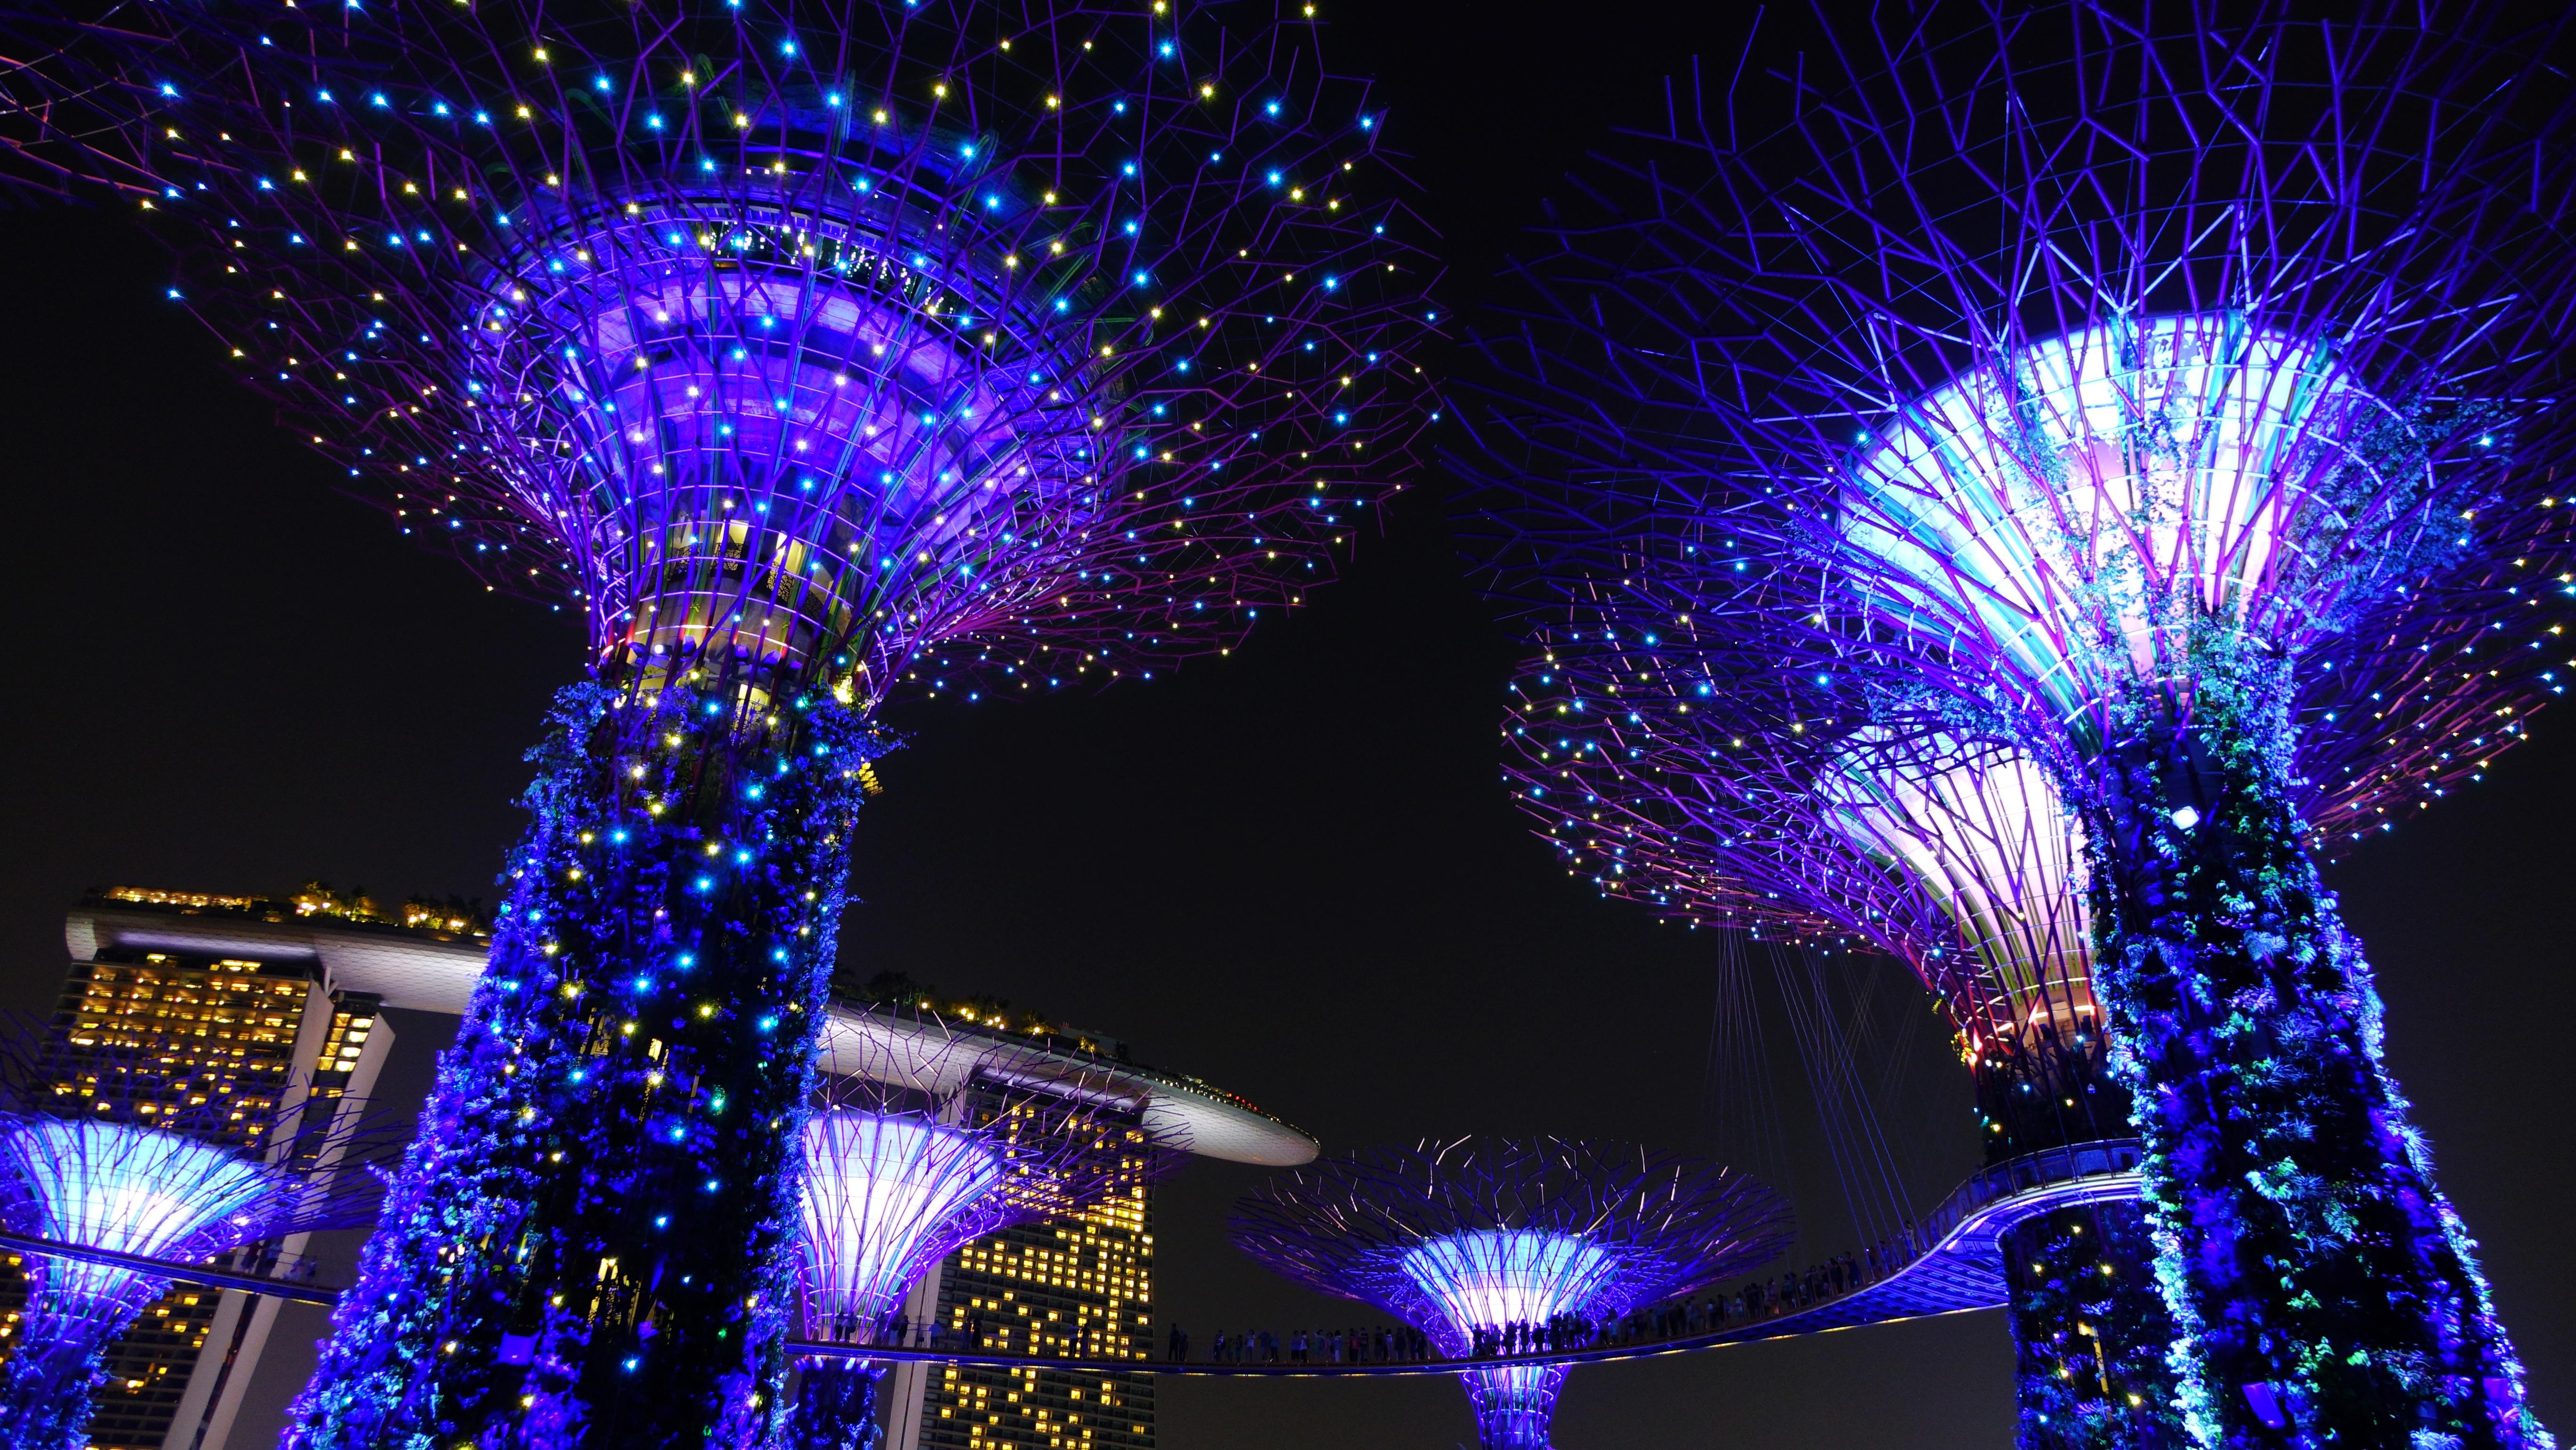 Images Gratuites : structure, nuit, parc, Asie, point de repère ...